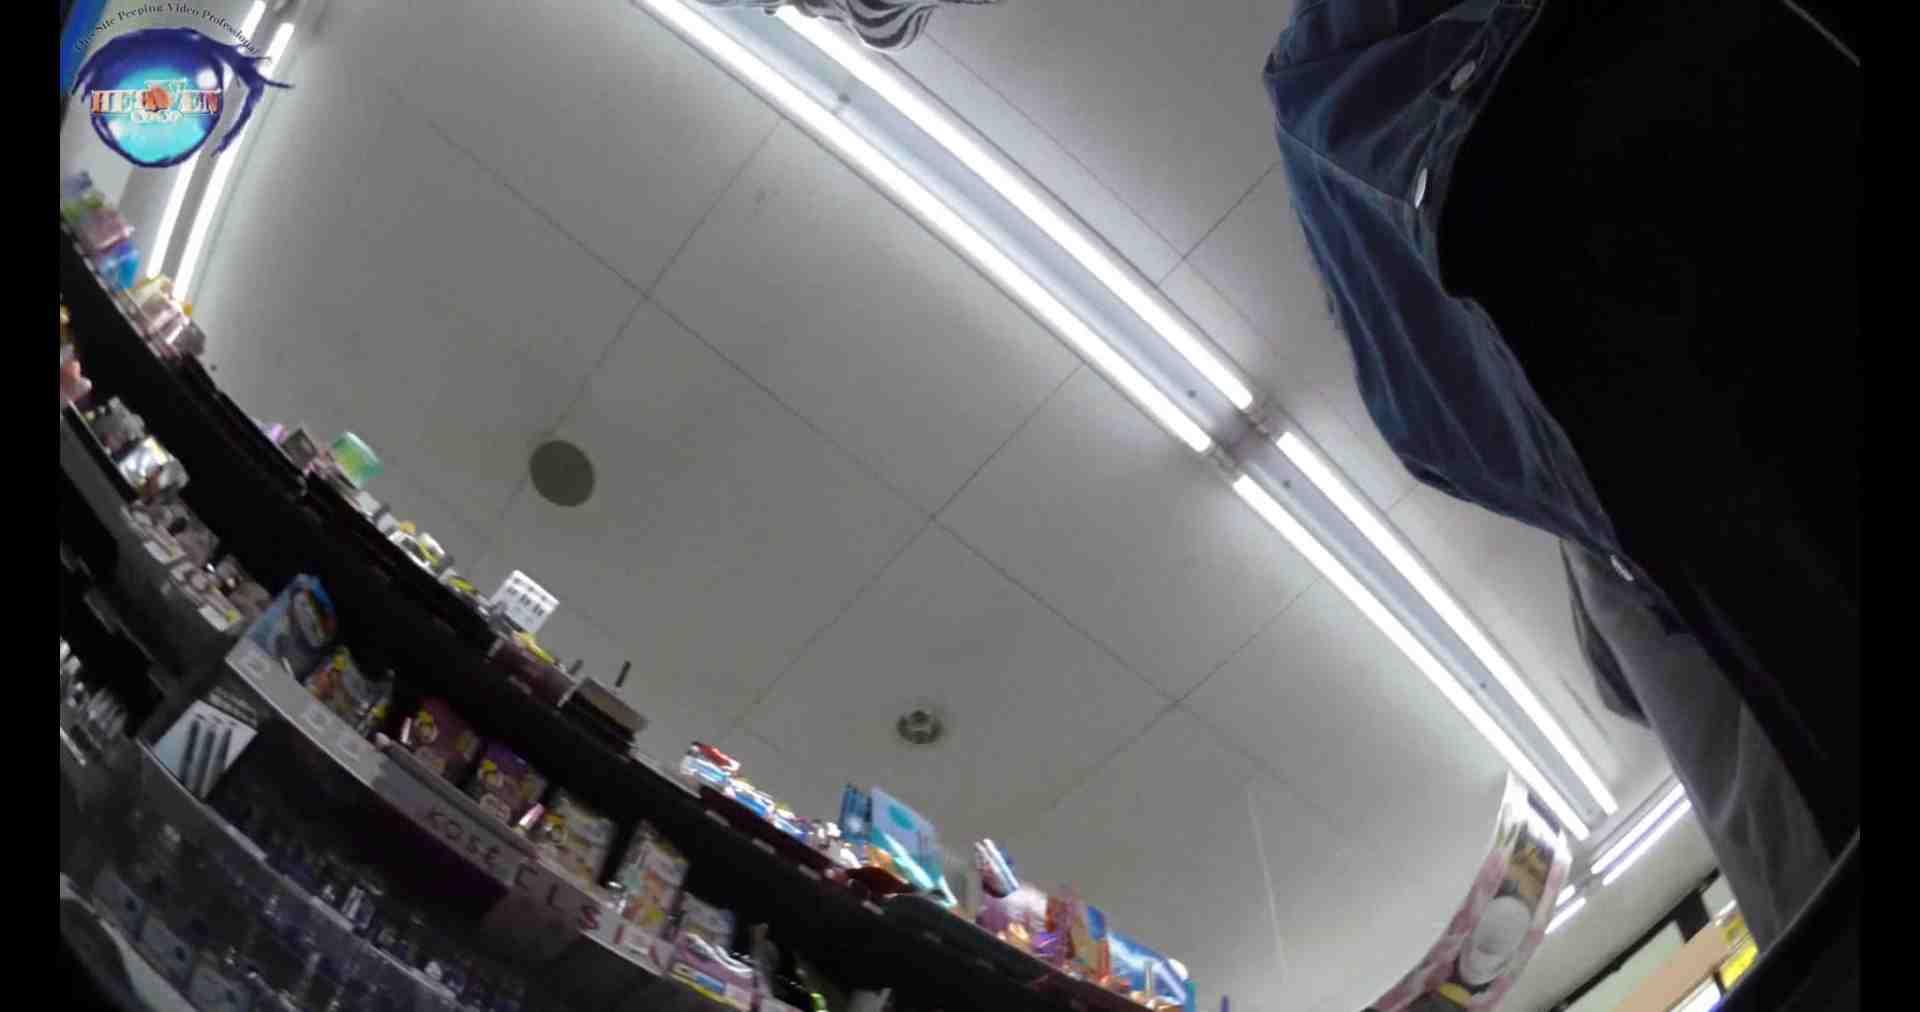 雅さんの独断と偏見で集めた動画 teenパンチラ編vol.7 パンチラ AV無料動画キャプチャ 79PIX 23